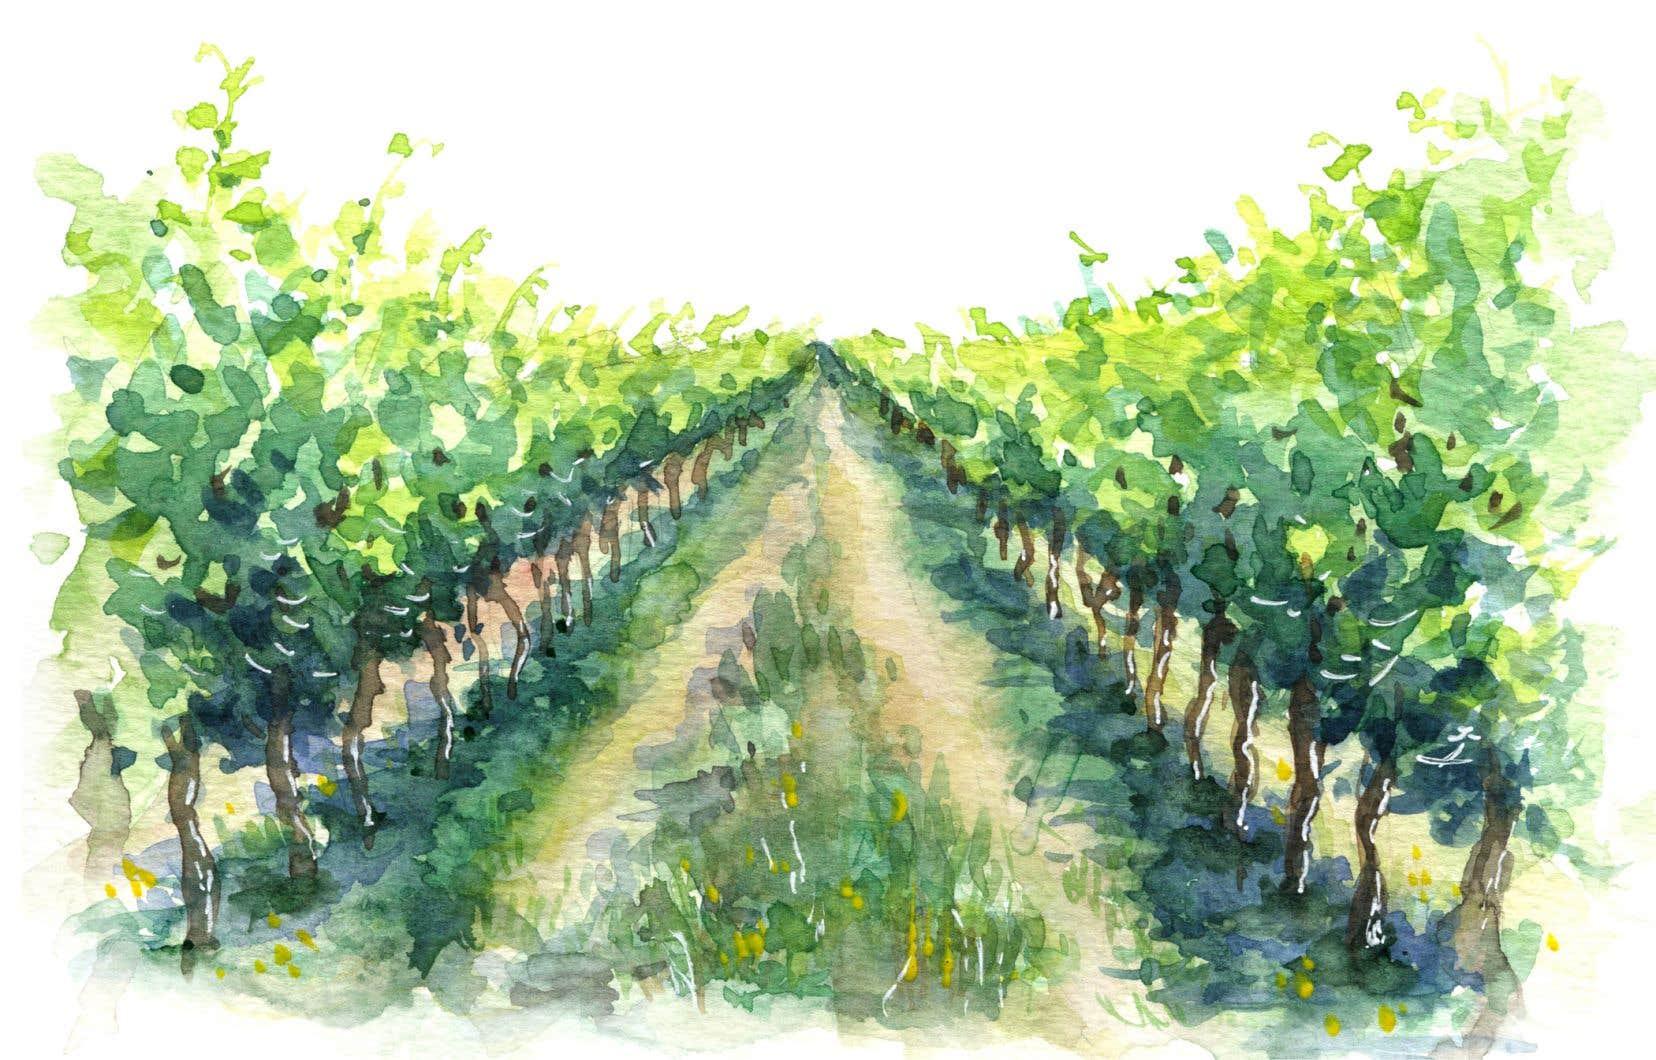 Aujourd'hui, la production vinicole québécoise s'élève à 2,5 millions de bouteilles par année, le tout étant issu de 146 vignobles.